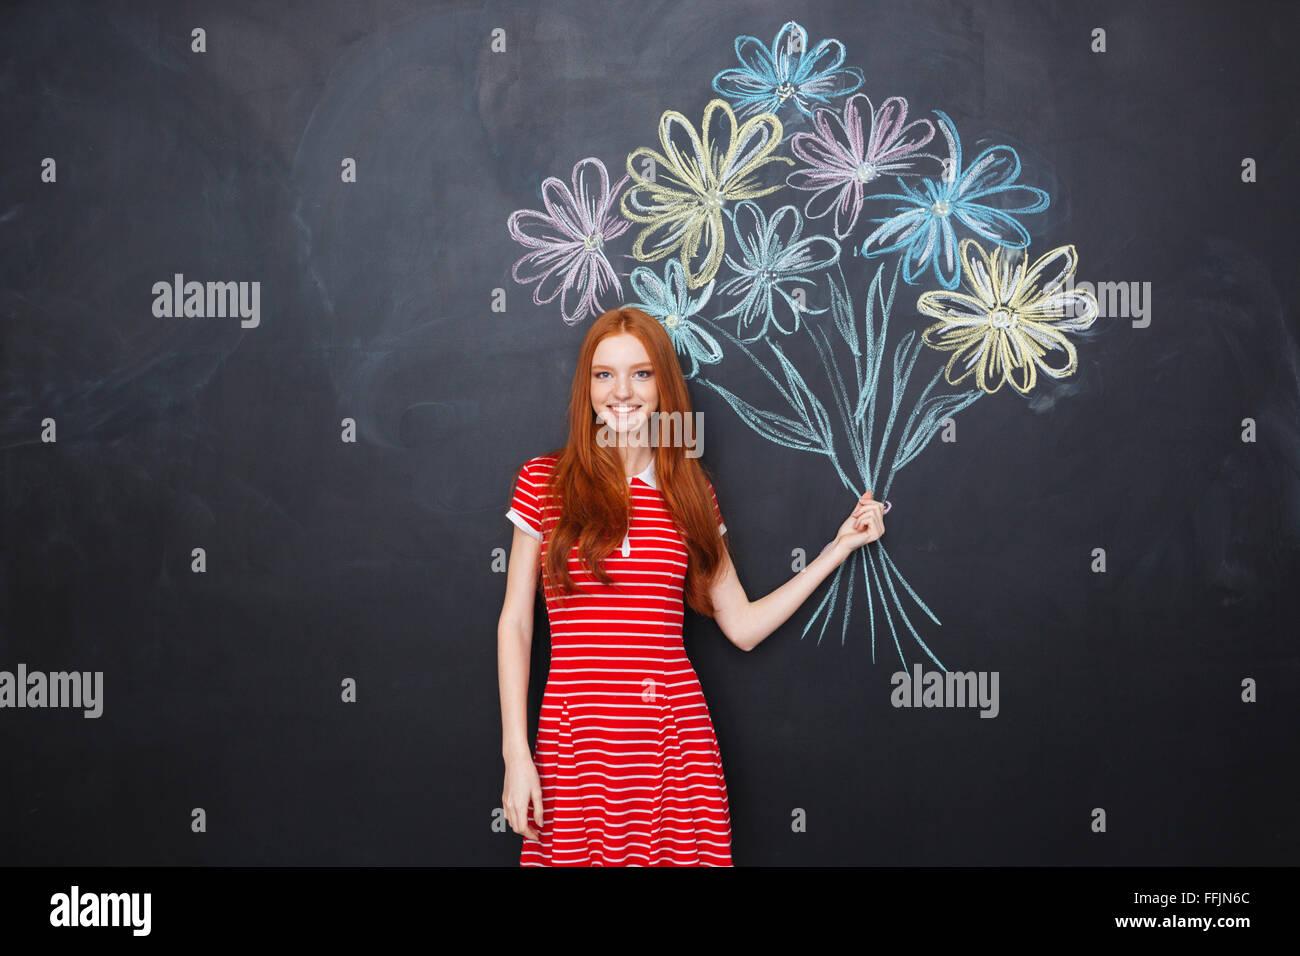 Smiling attractive rousse Jeune femme debout et tenant bouquet de fleurs dessiné sur fond noir Photo Stock